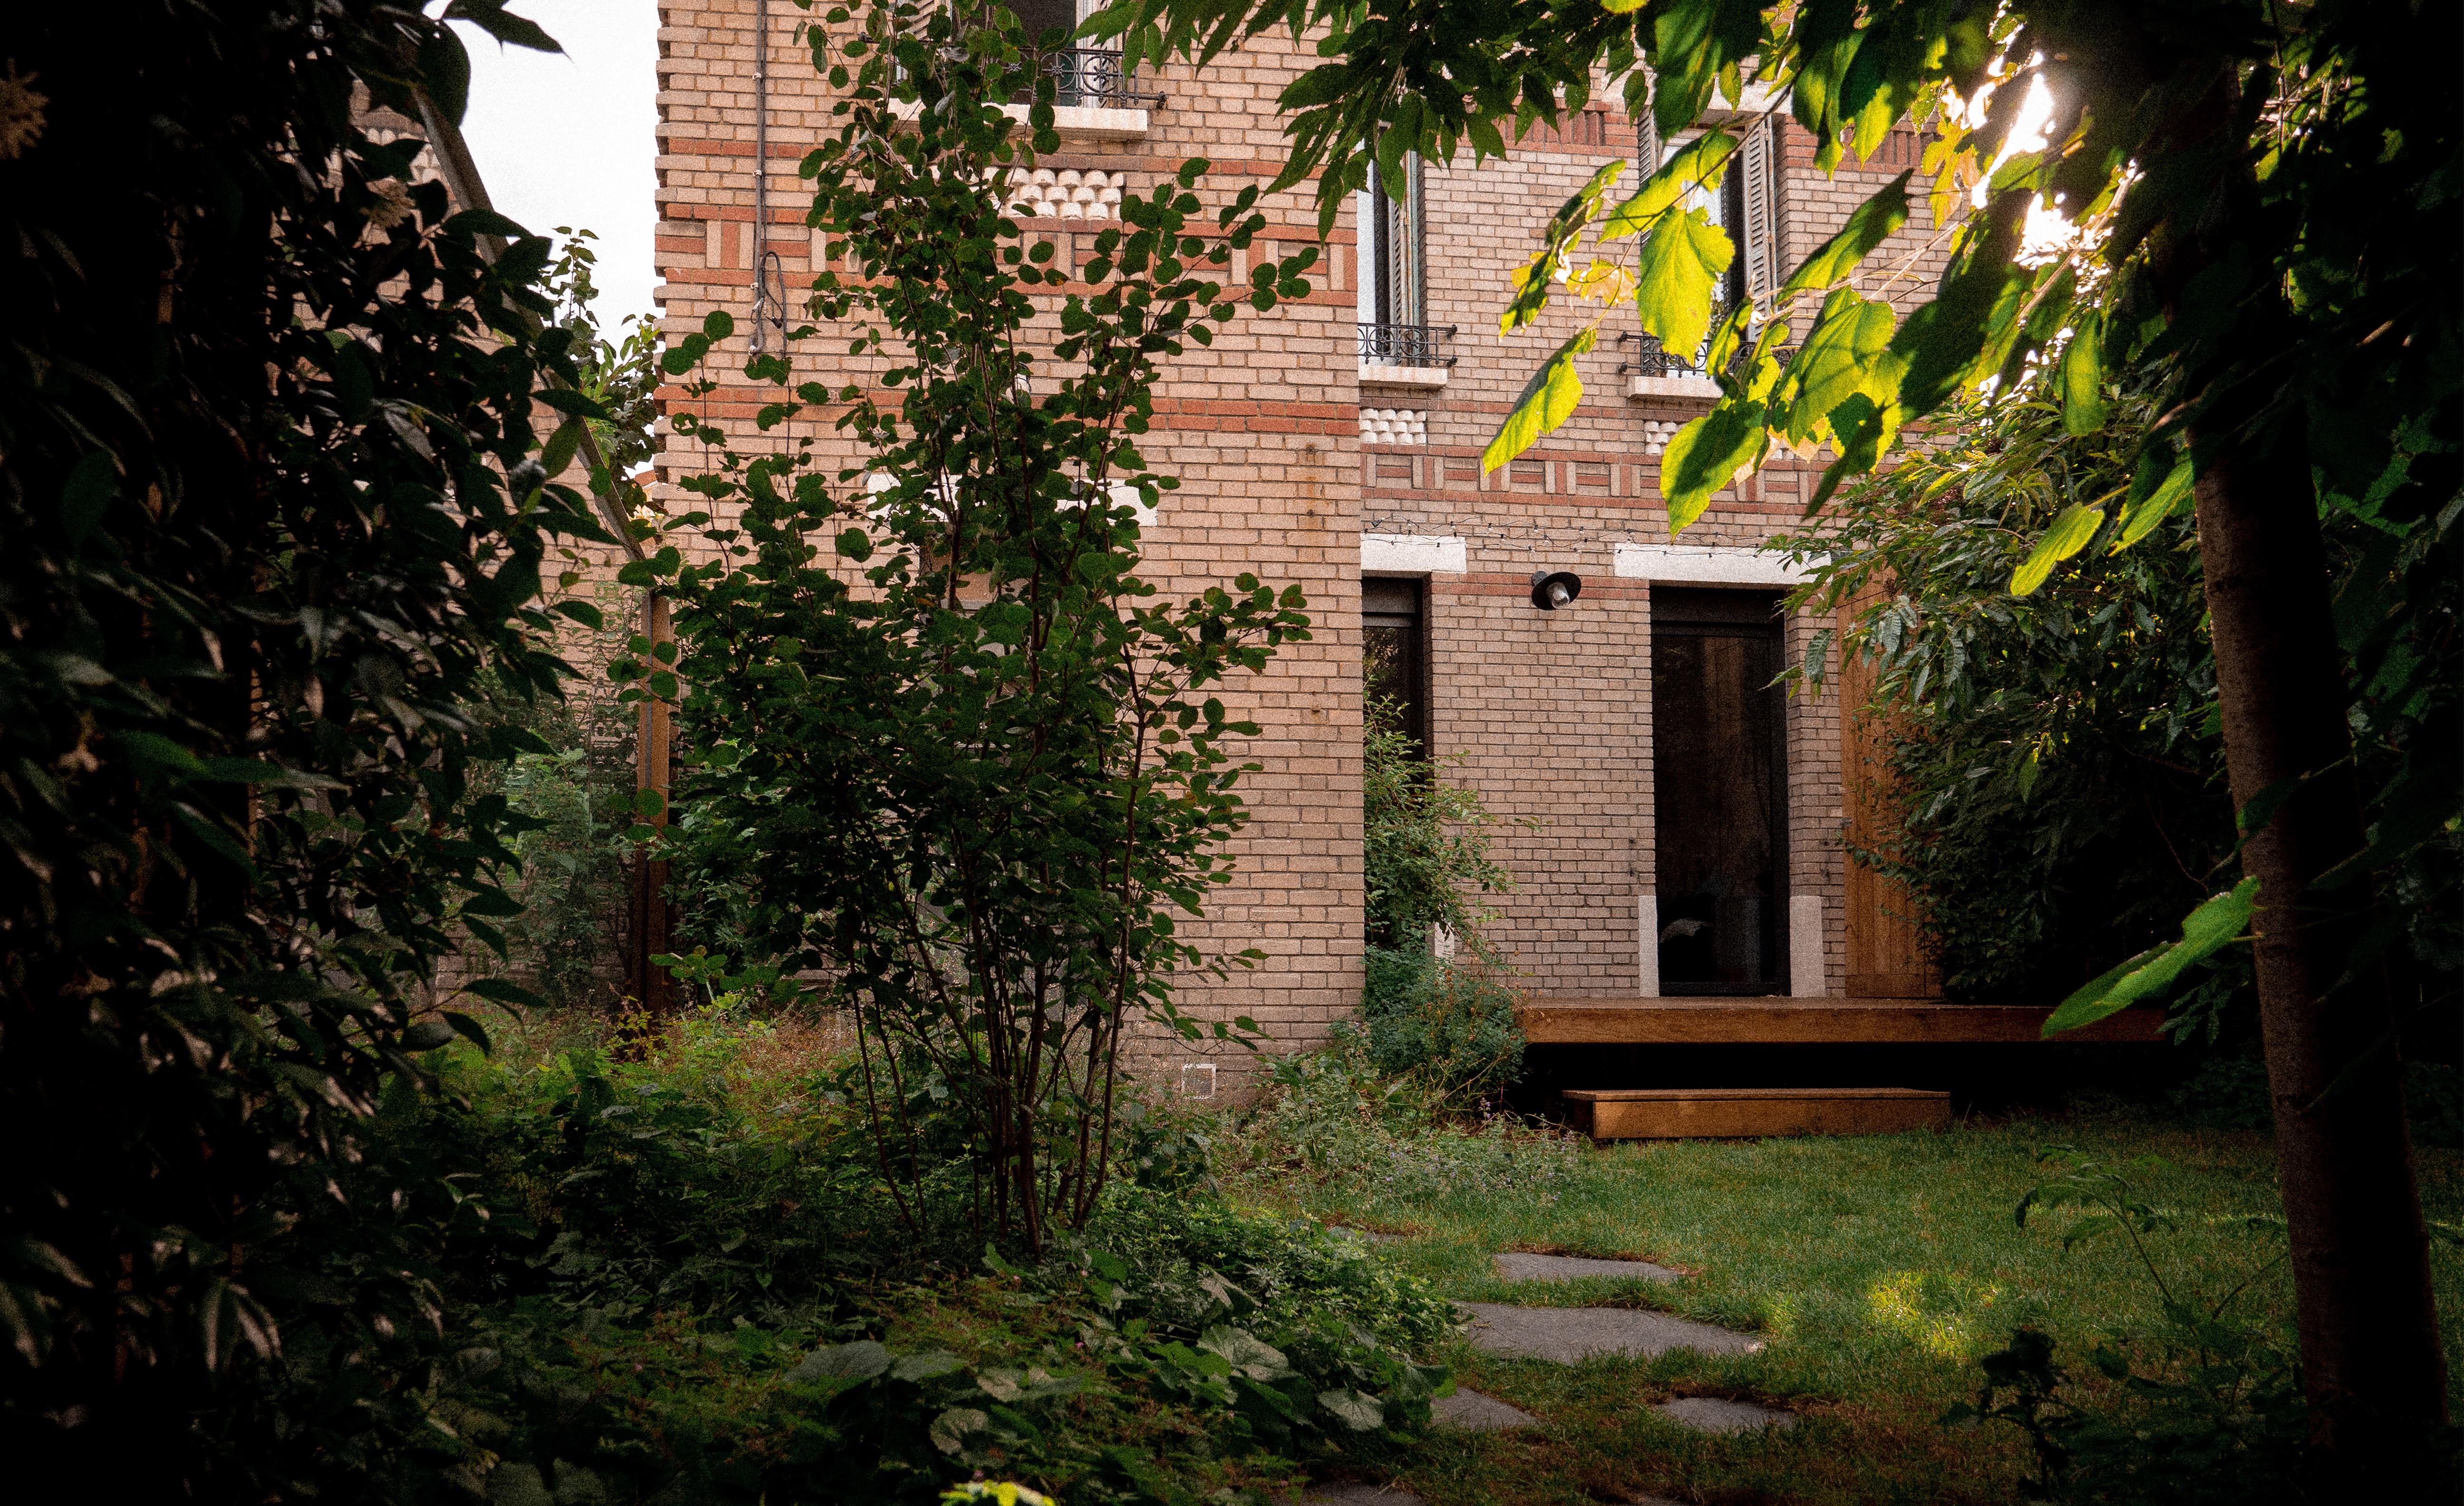 01_Jardin-infini-à-chatillon-Paysagiste-Hermeline-Carpentier-©photo-Anthony-Marques